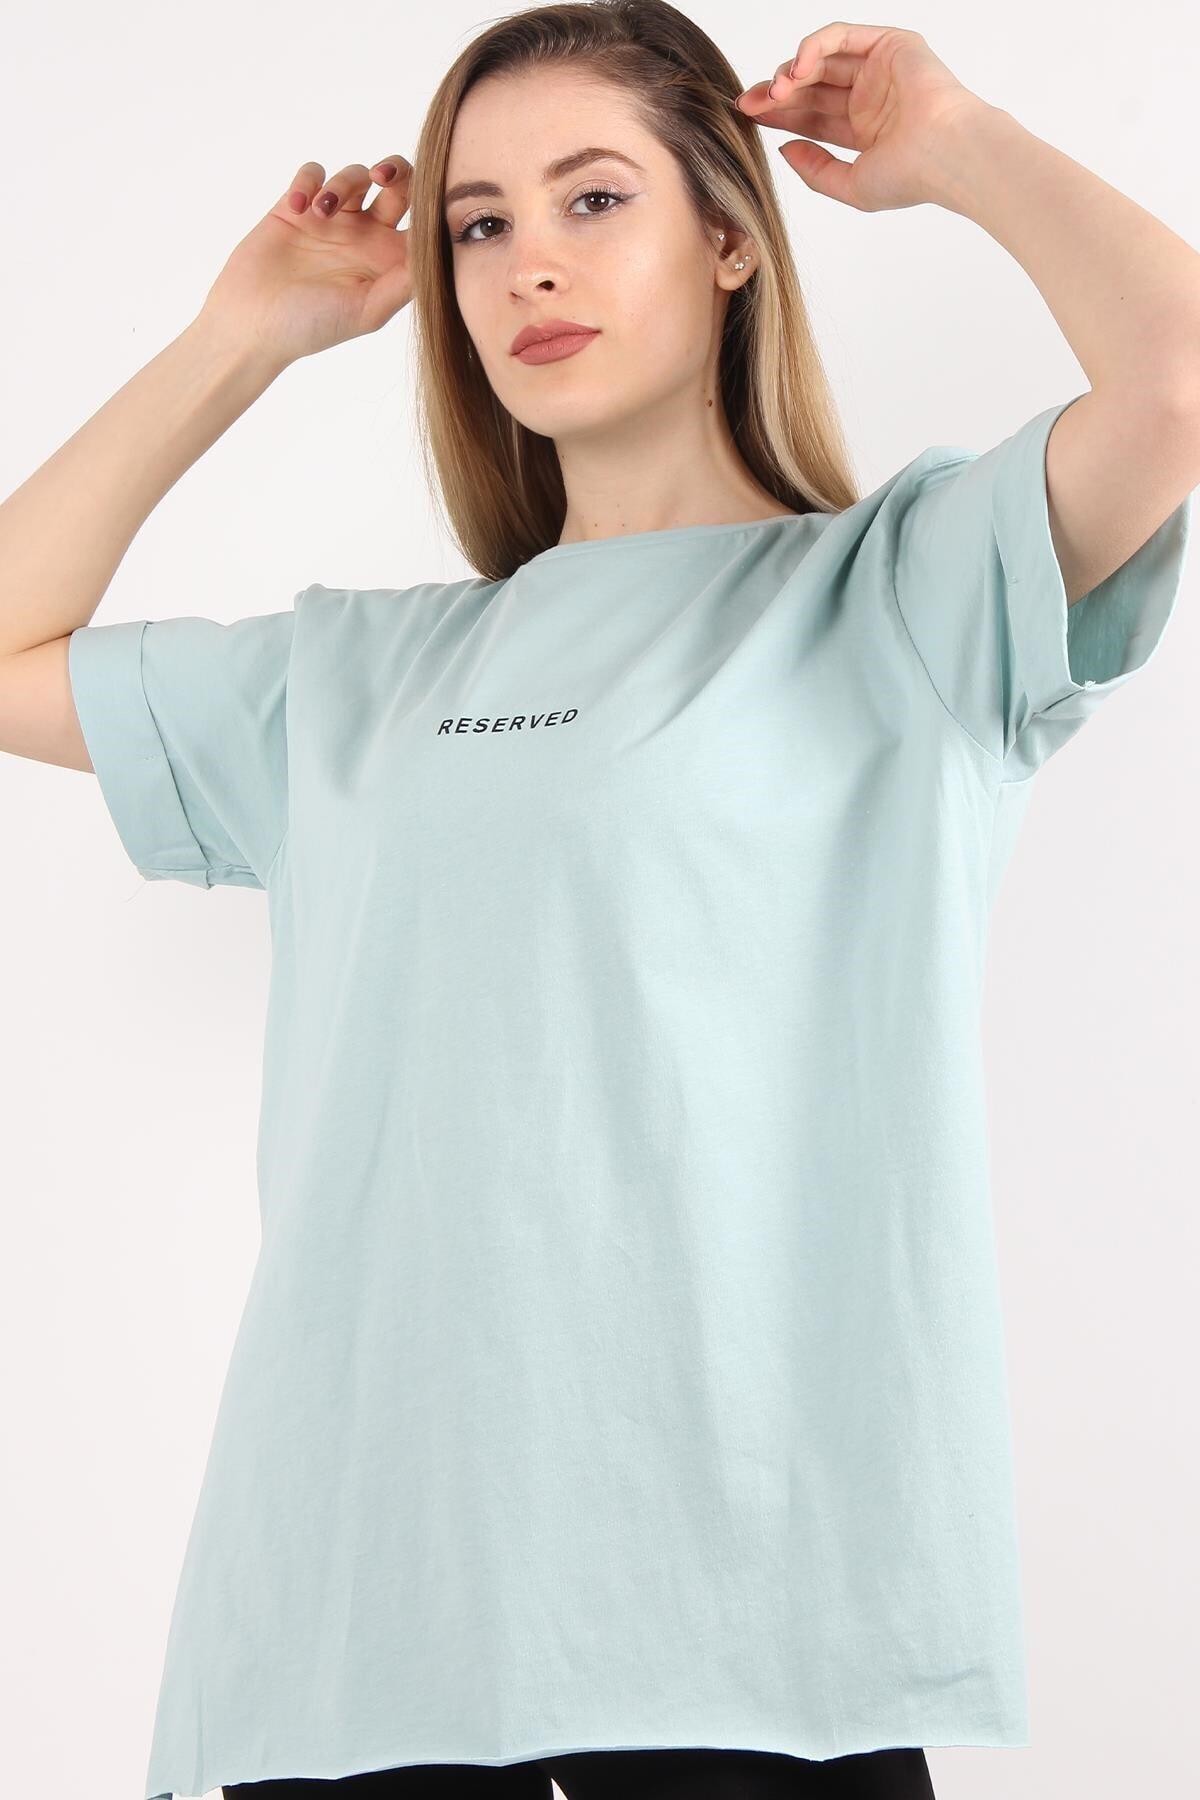 Mckanzie 1068 Reserved Baskılı T-shirt 2